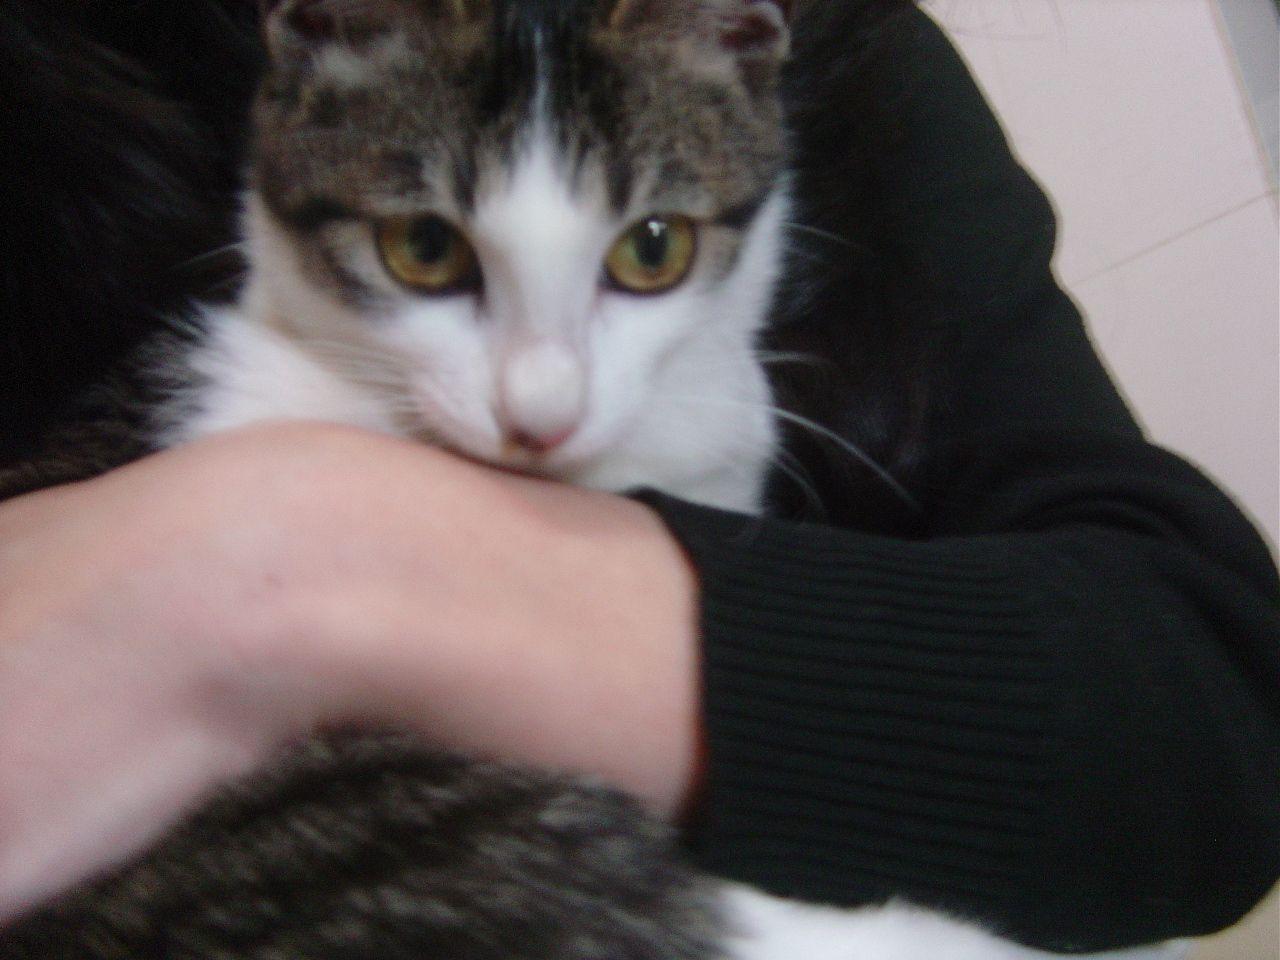 > 谁能收养这个小可怜 --一个月大的流浪小猫